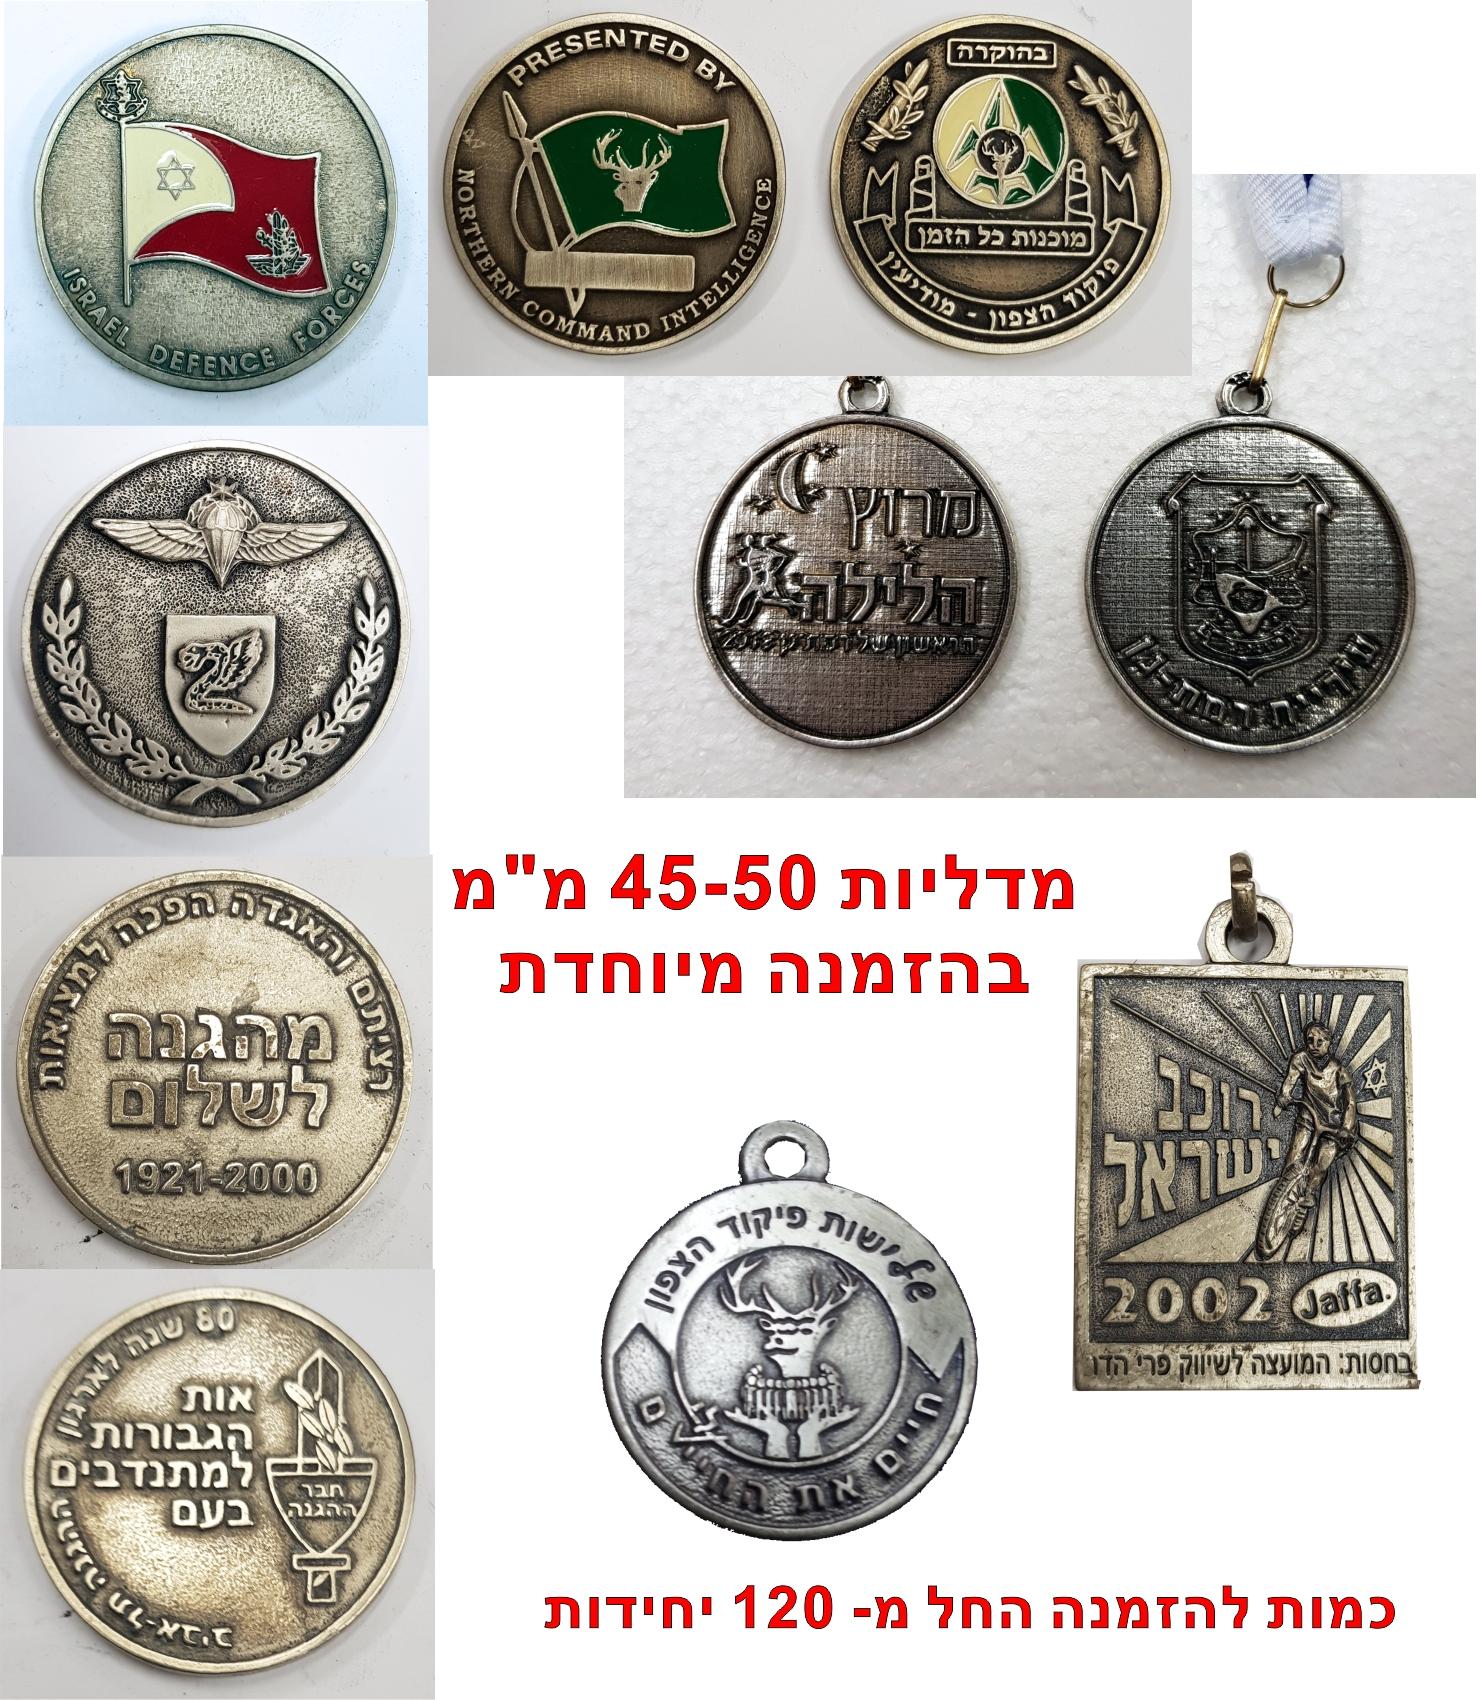 מדליות 45 עד 50 ממ בהזמנה מיוחדת